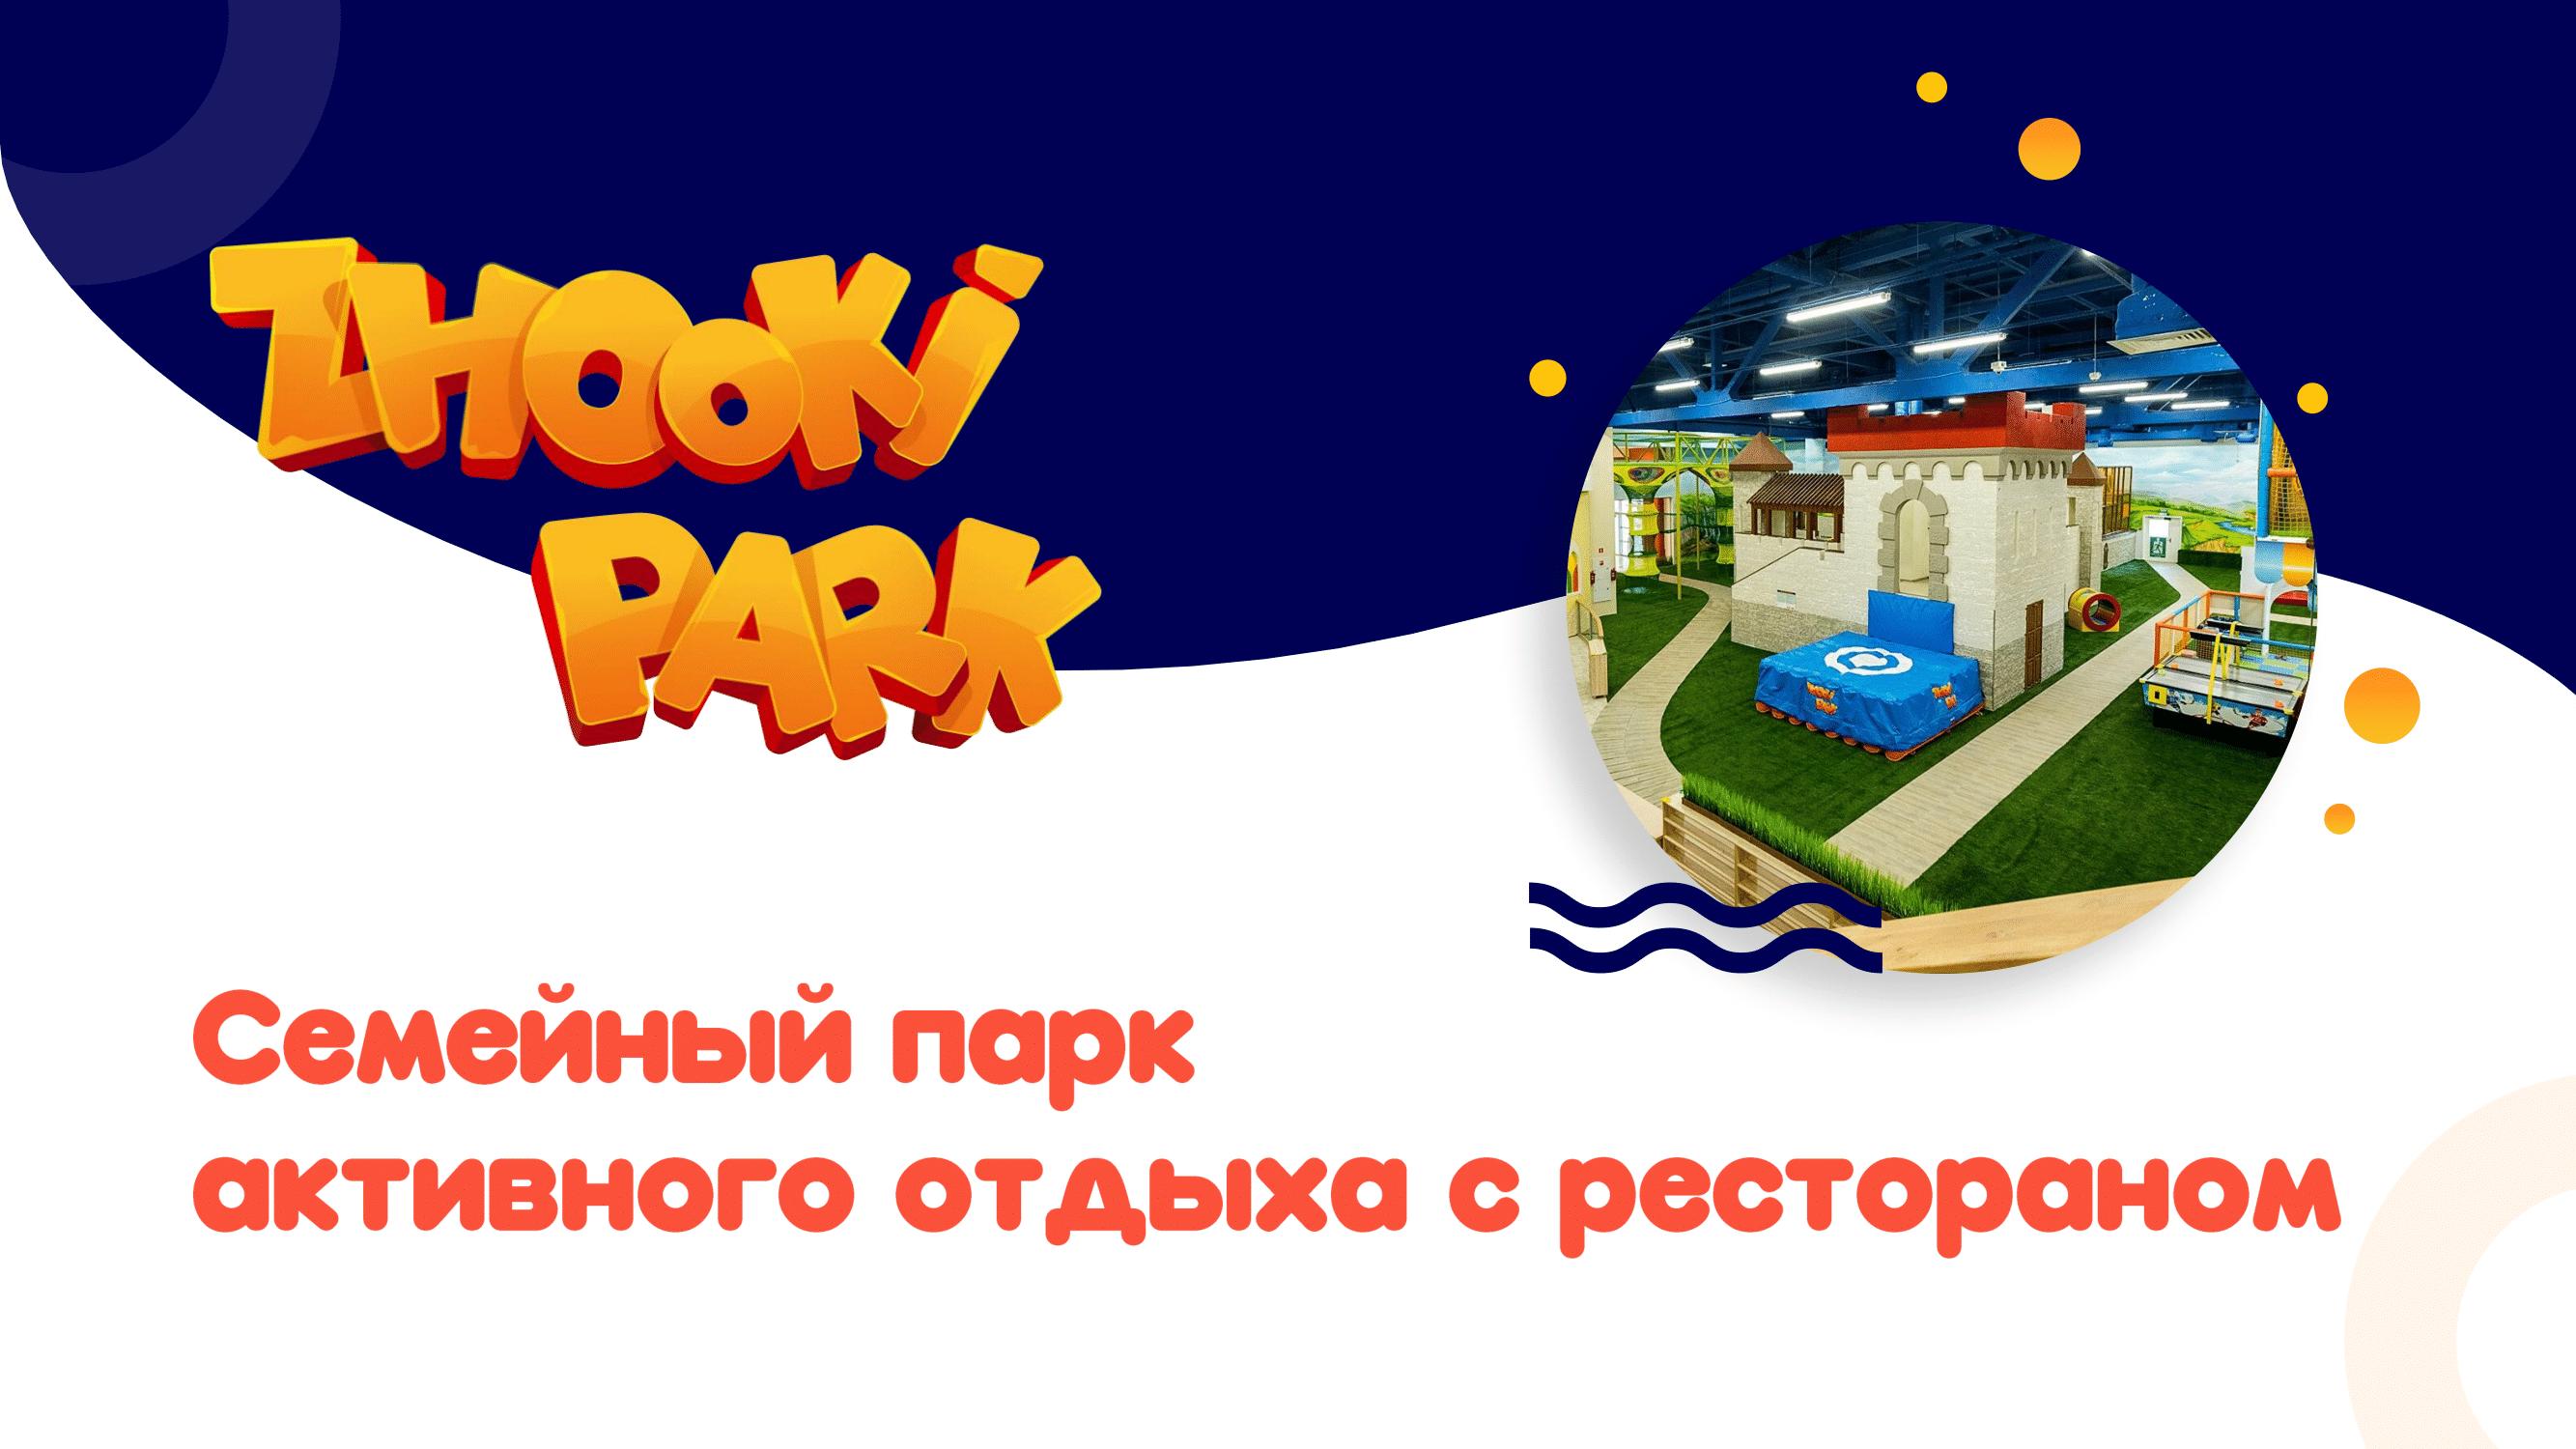 Анимационная презентация для семейного парка активного отдыха